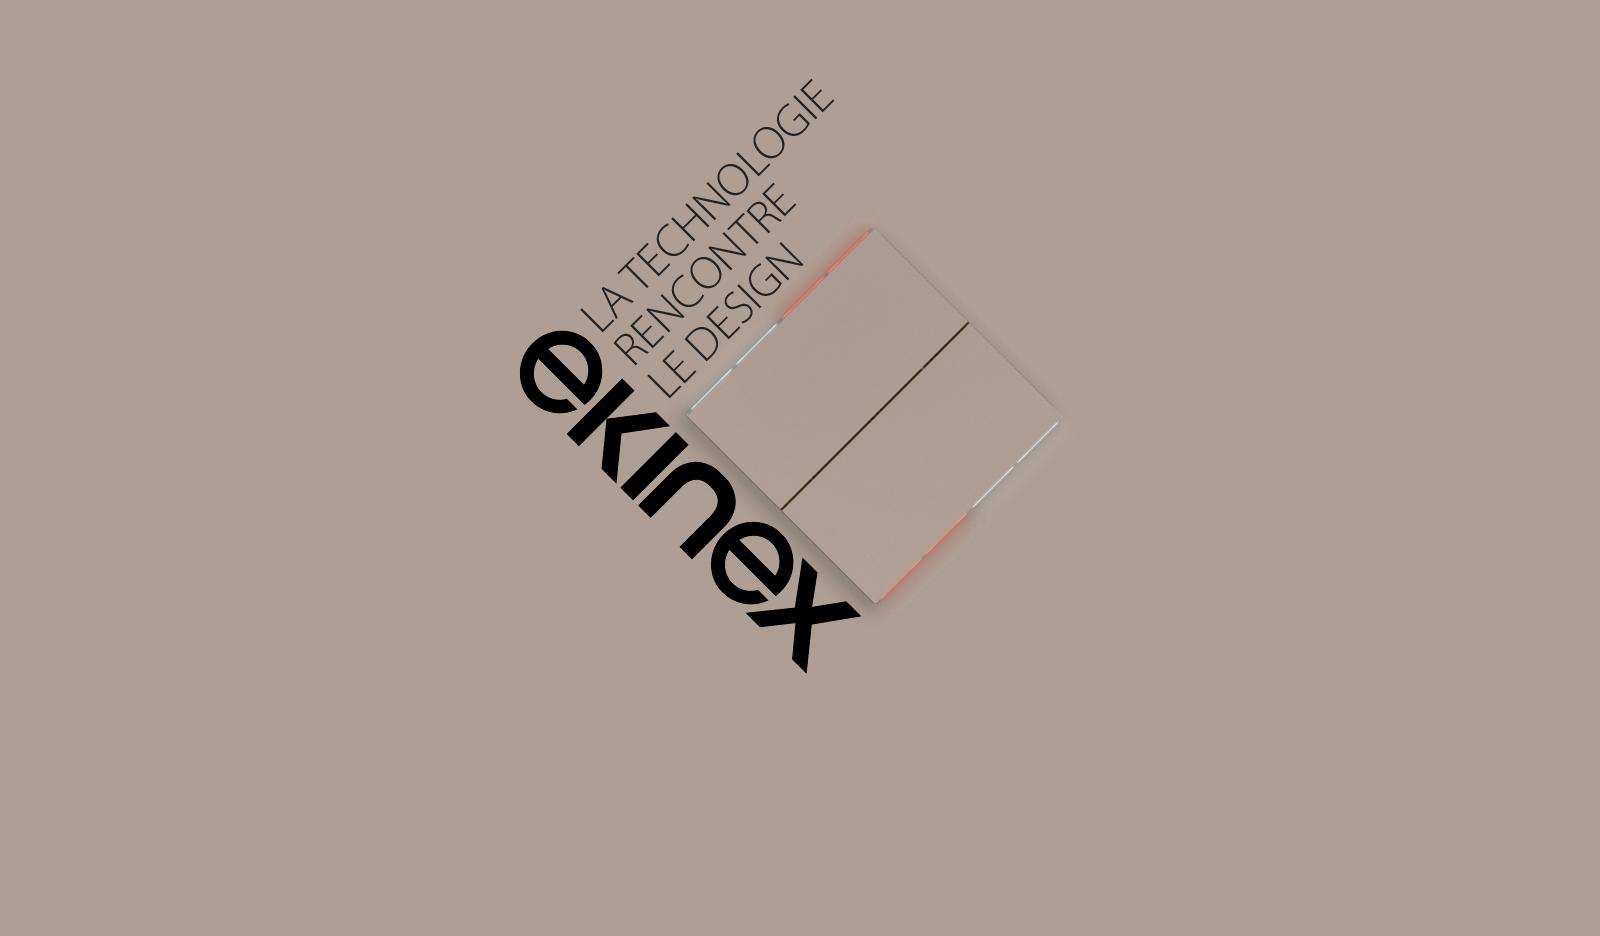 Ekinex Le Système Domotique Knx Qui Simplifie La Vie